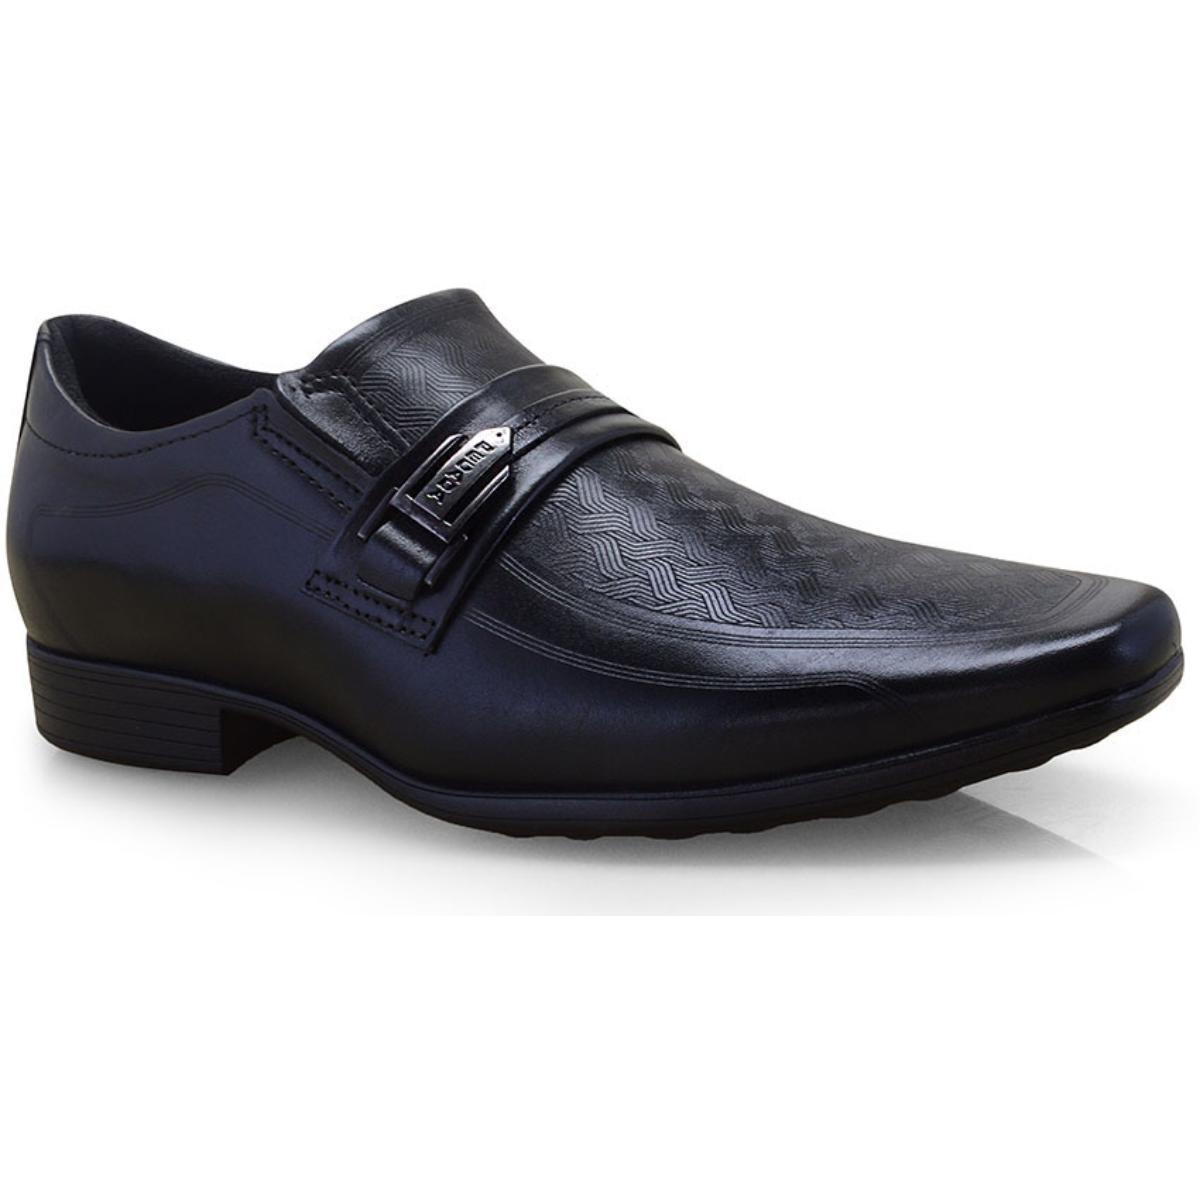 Sapato Masculino Pegada 122862-01 Preto